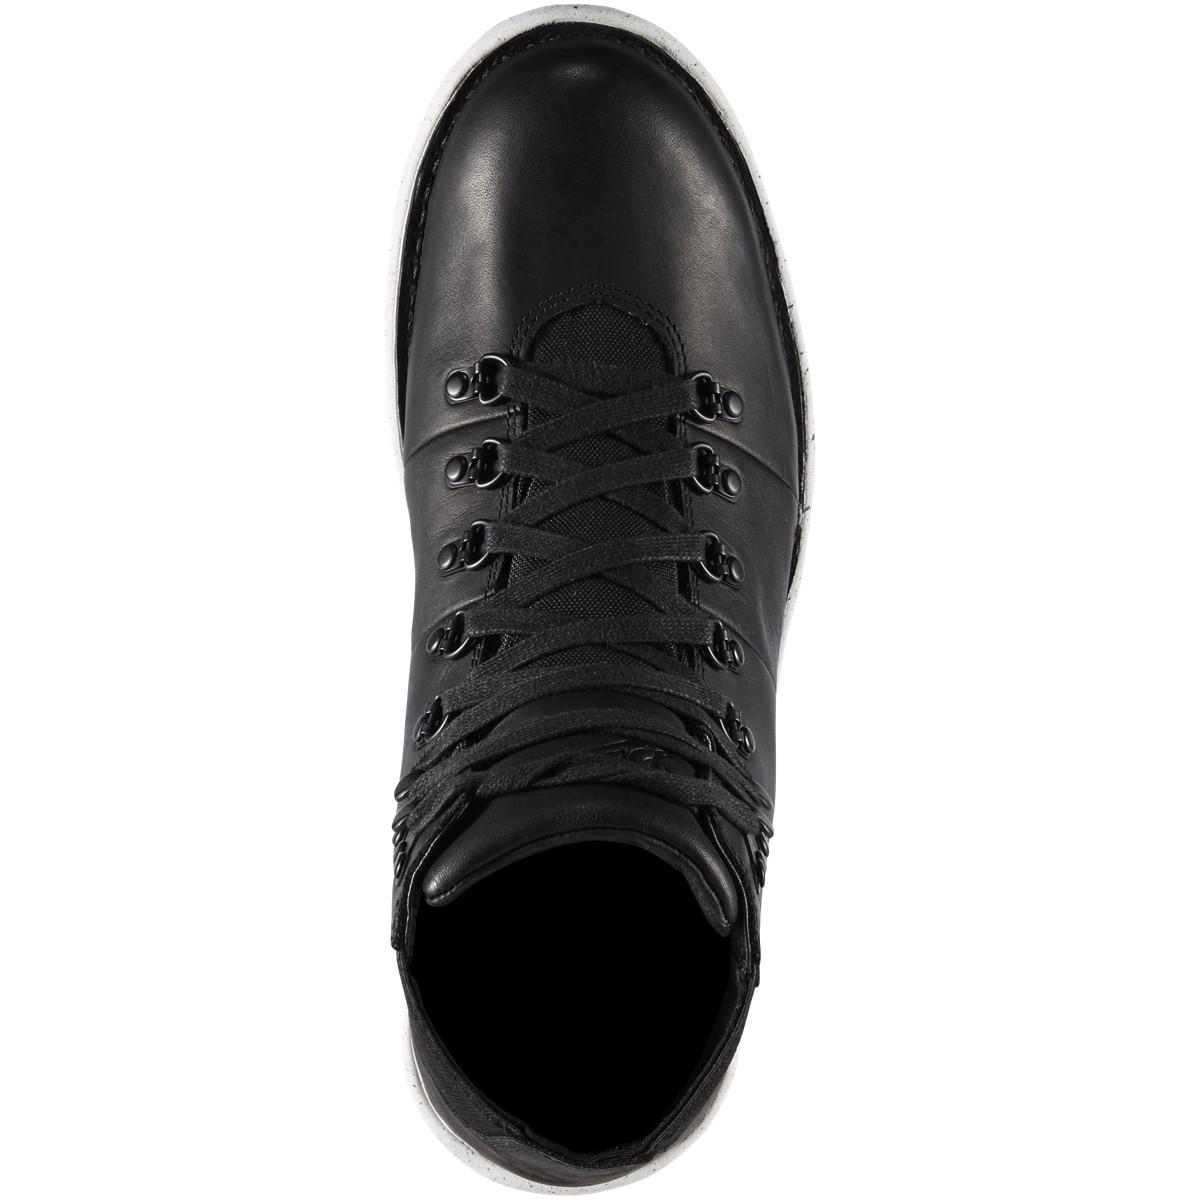 Vertigo 917 Black